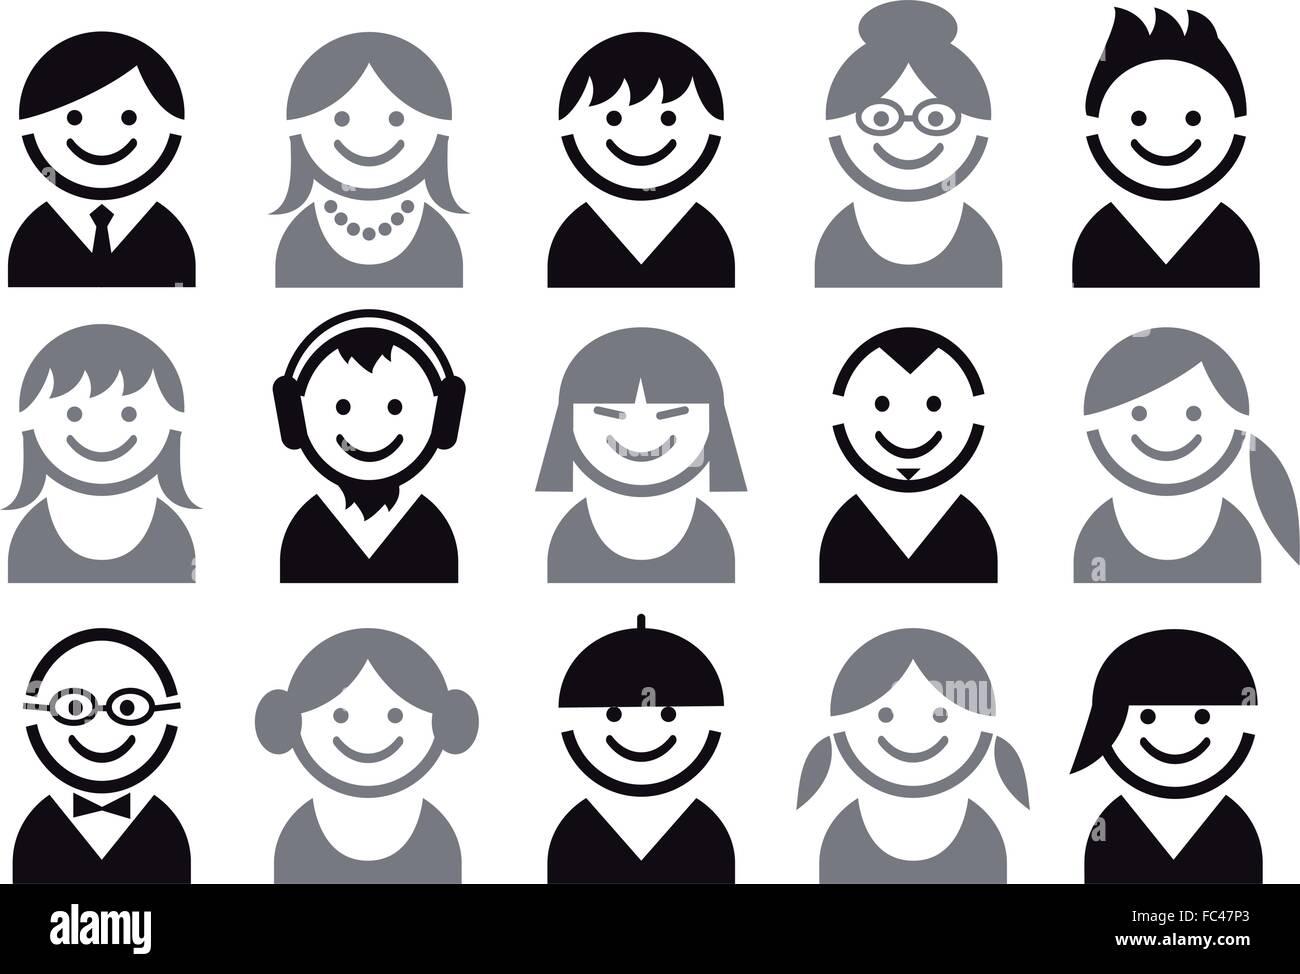 Les gens icônes, avatar, utilisateur, character design, vector set Illustration de Vecteur